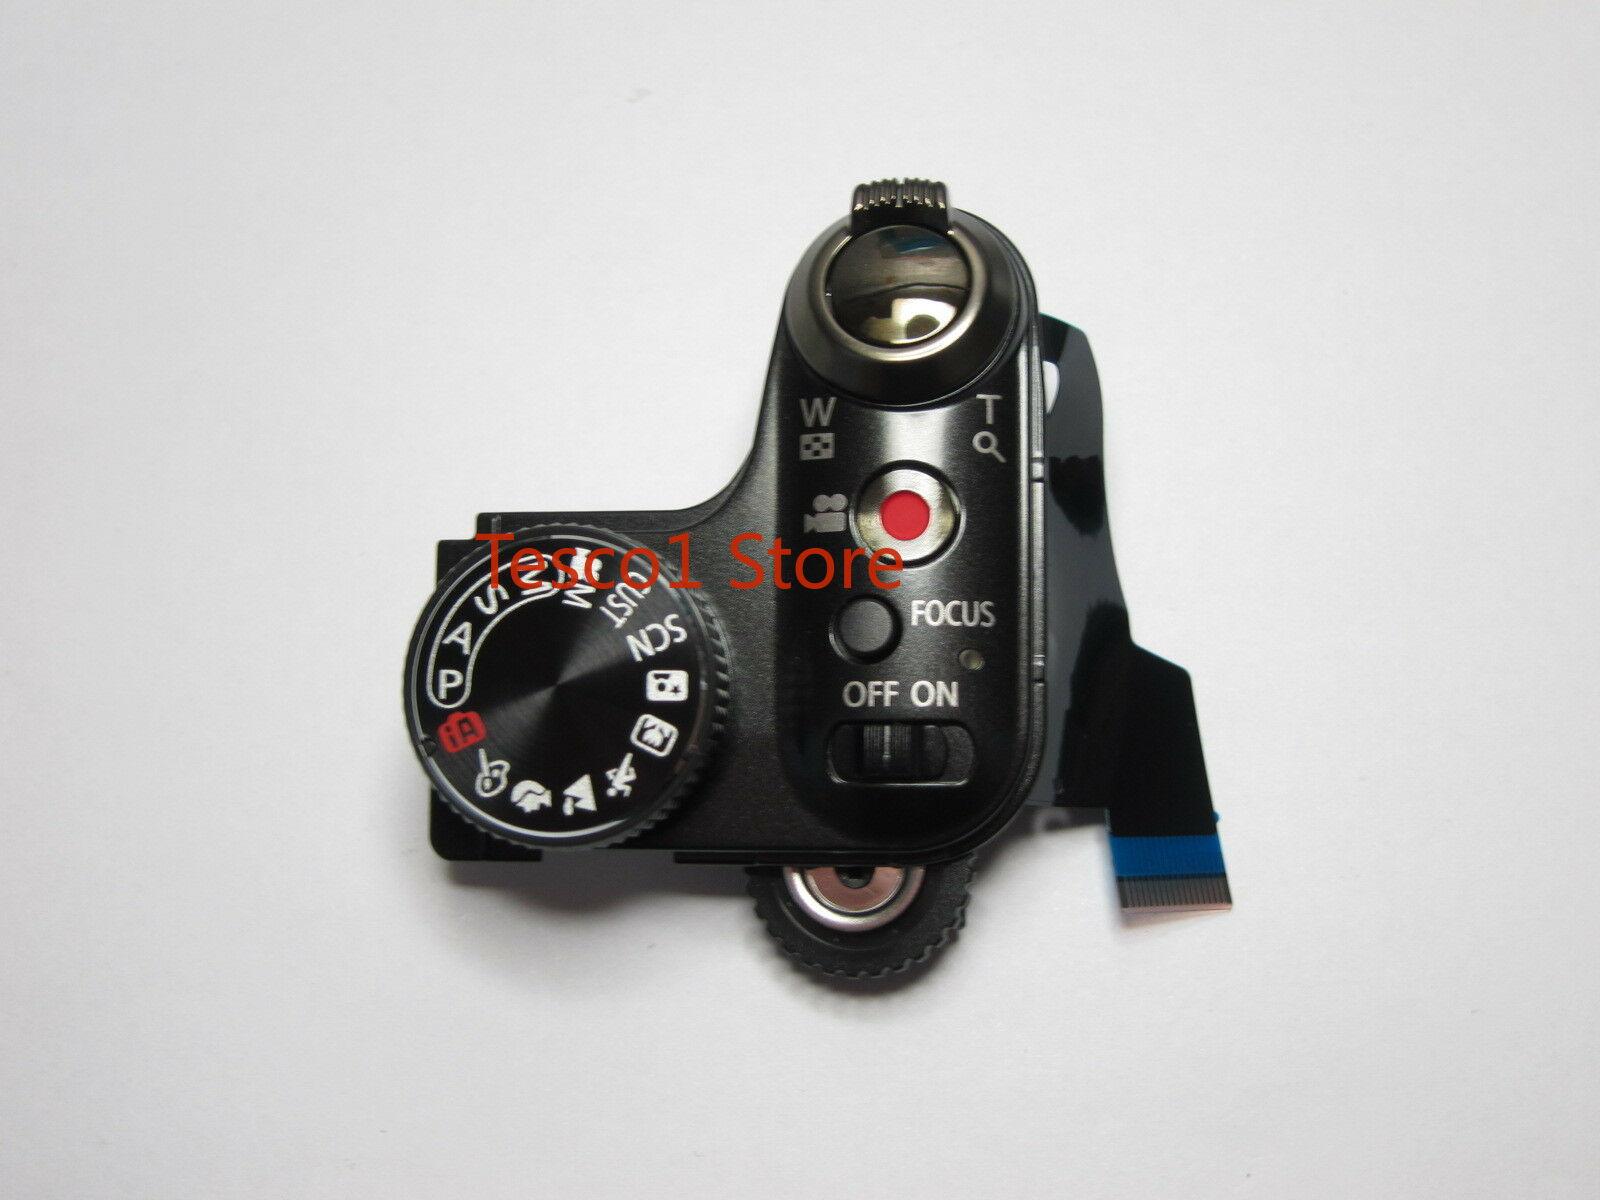 Оригинальные запчасти для камеры DMC-FZ48 FZ48 верхняя крышка рабочий блок режим переключатель циферблата в сборе новый